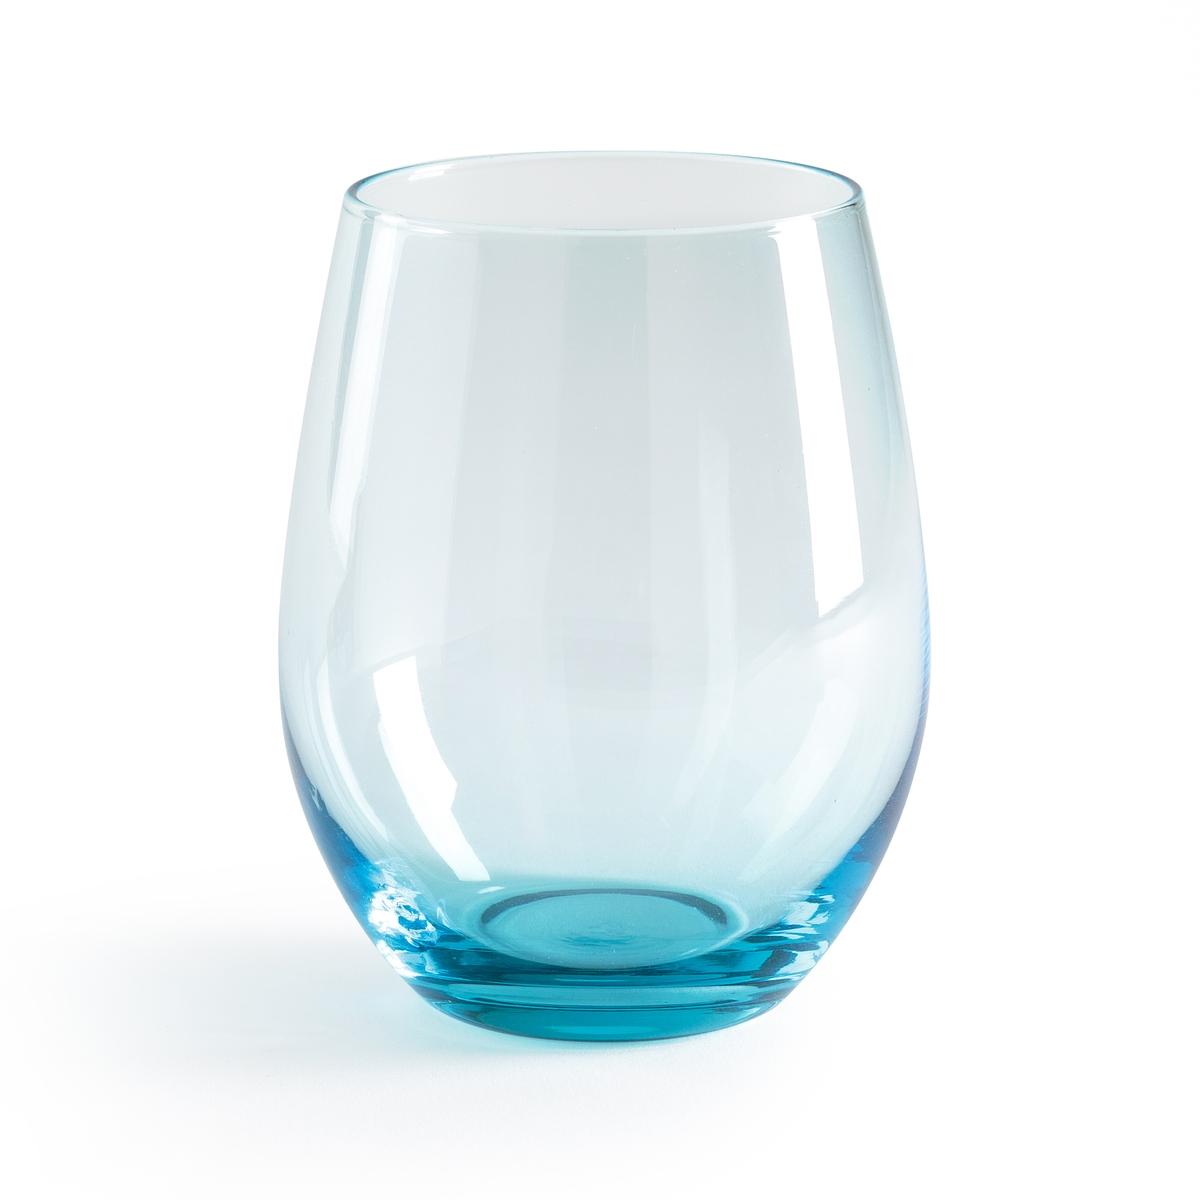 Комплект из 6 стаканов Nubia6 стаканов Nubia. Выбирайте стаканы из синего стекла для оригинальной нотки или из прозрачного стекла для чистоты. Из прозрачного или синего стекла. Размеры: ?9 x В11 см. Подходят для использования в посудомоечной машине.<br><br>Цвет: прозрачный,синий